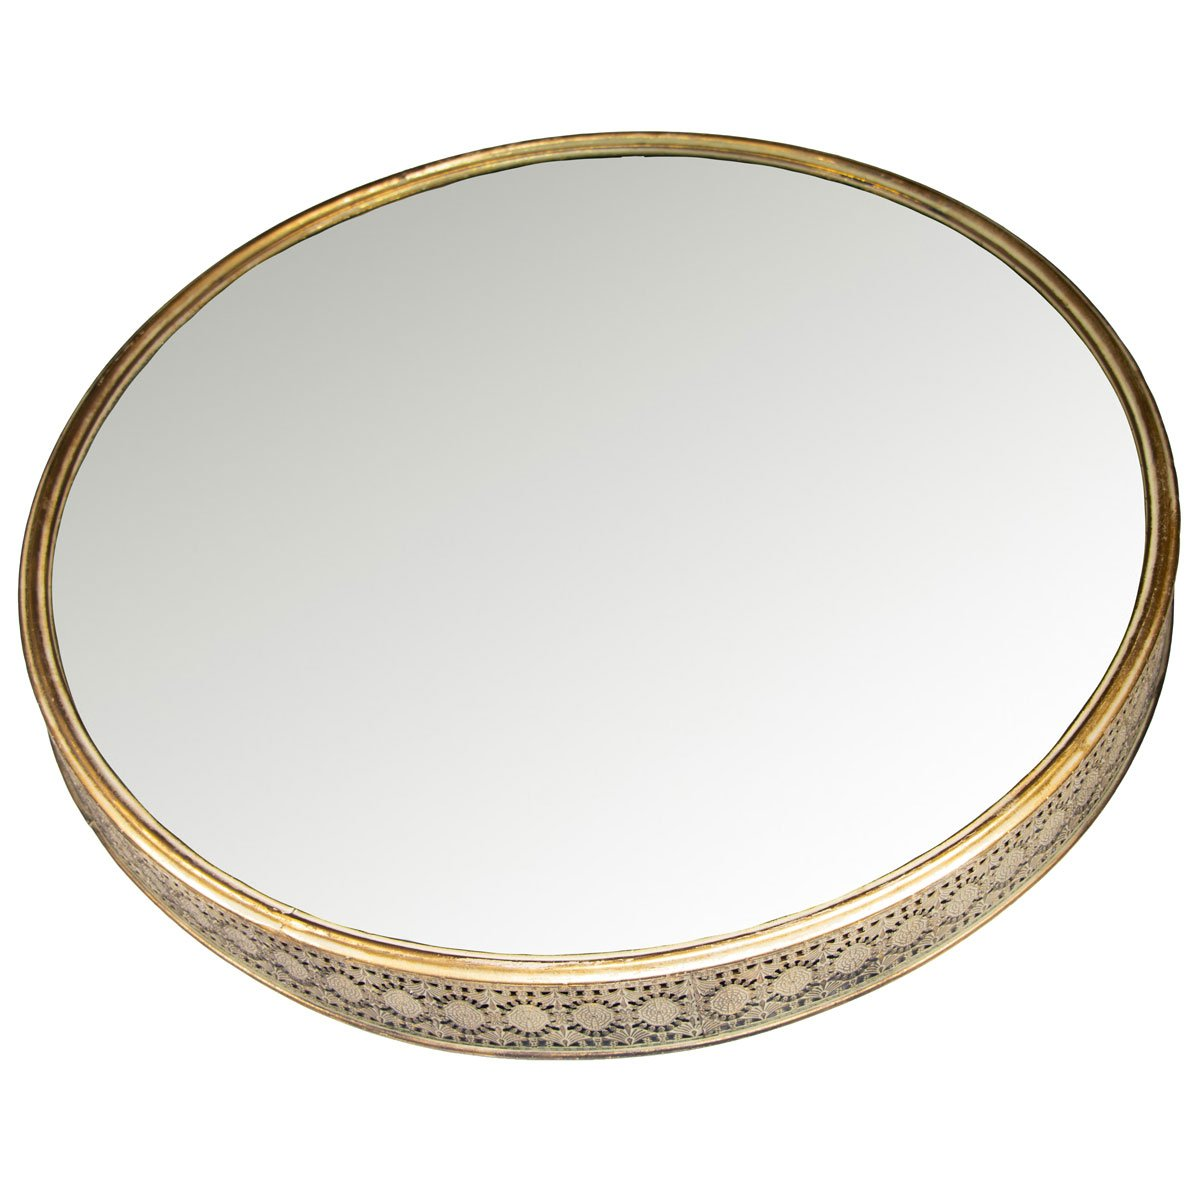 Home nature espejo de pared redondo de metal sears com for Espejo redondo pared